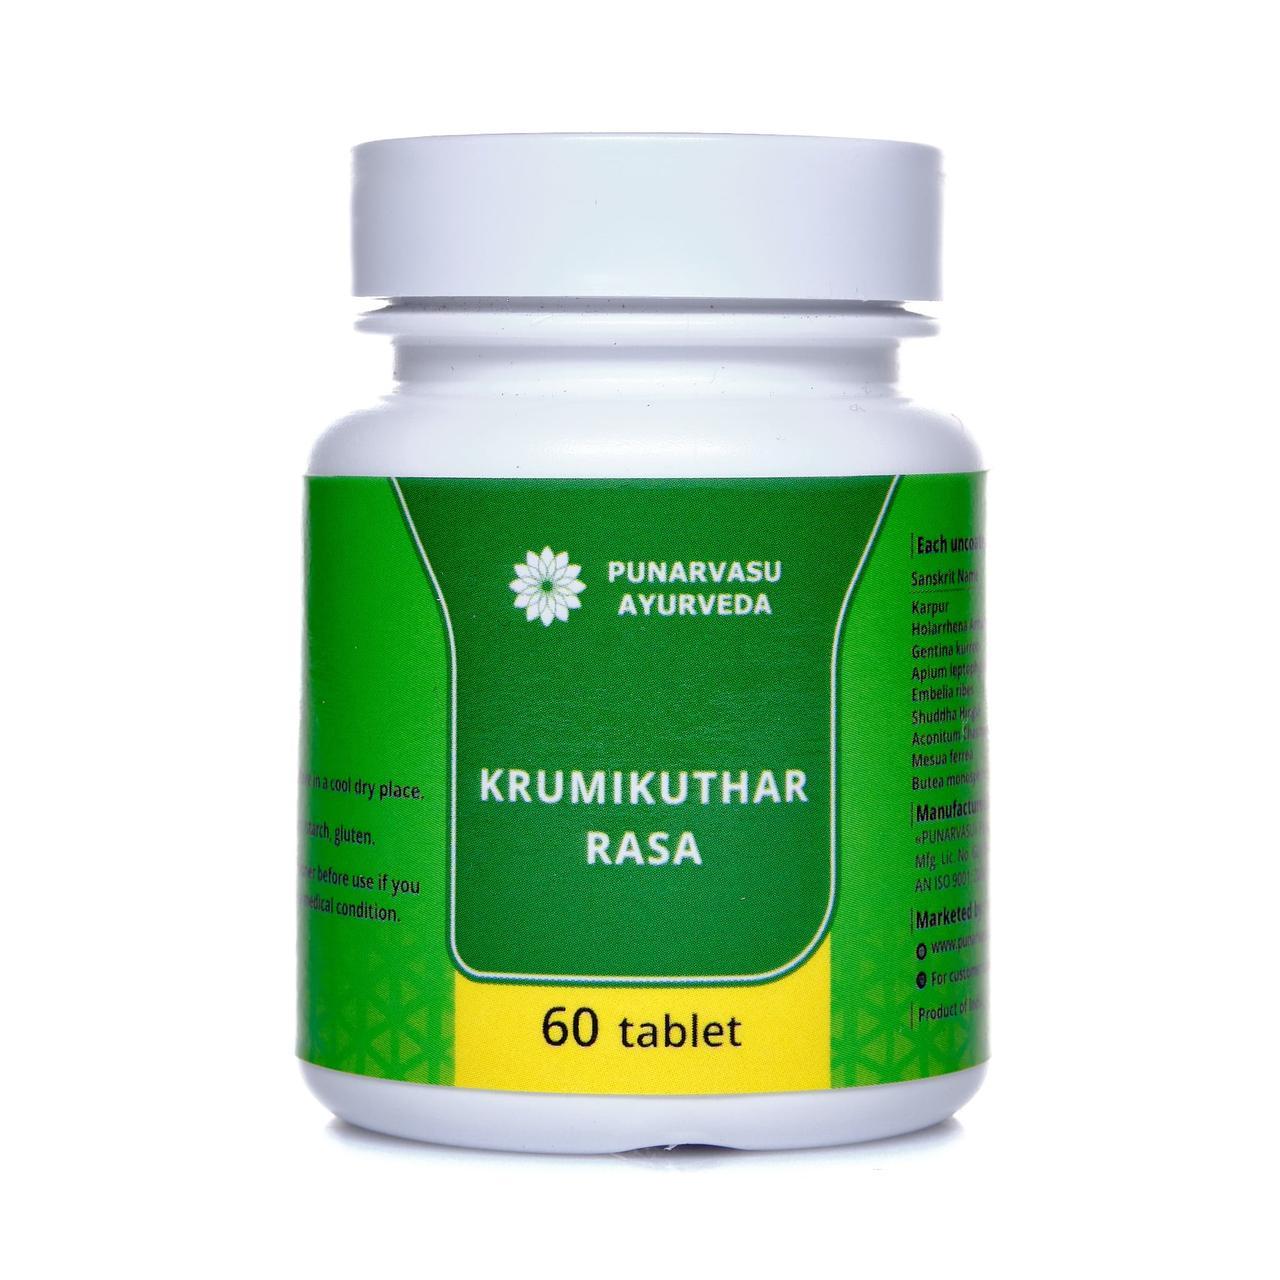 Кримикутхар раса / Krumikuthar rasa - усунення гельмінтів - Пунарвасу - 60 таб